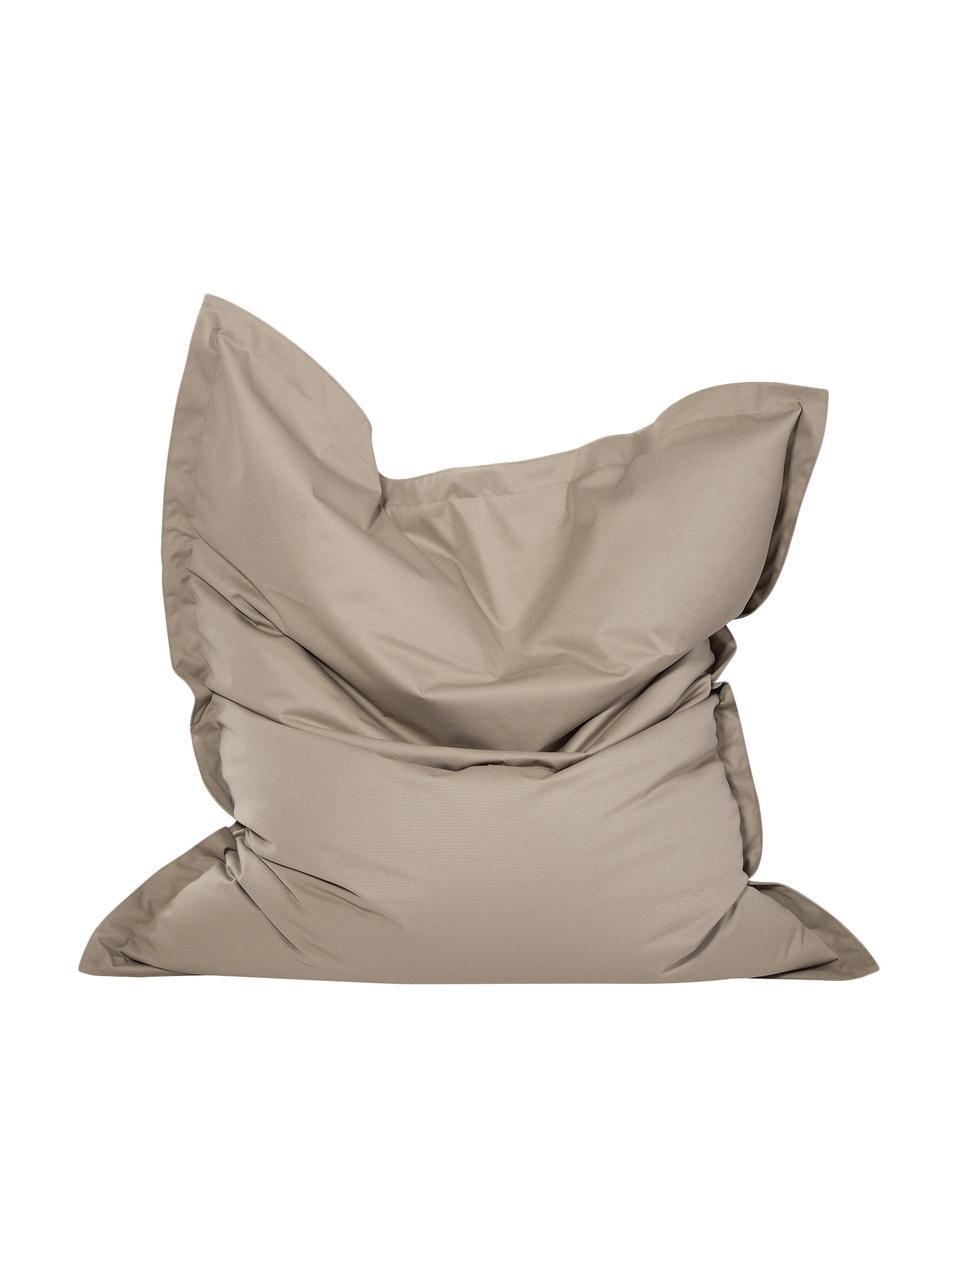 Worek do siedzenia Meadow, Tapicerka: poliester powlekany poliu, Greige, S 130 x W 160 cm